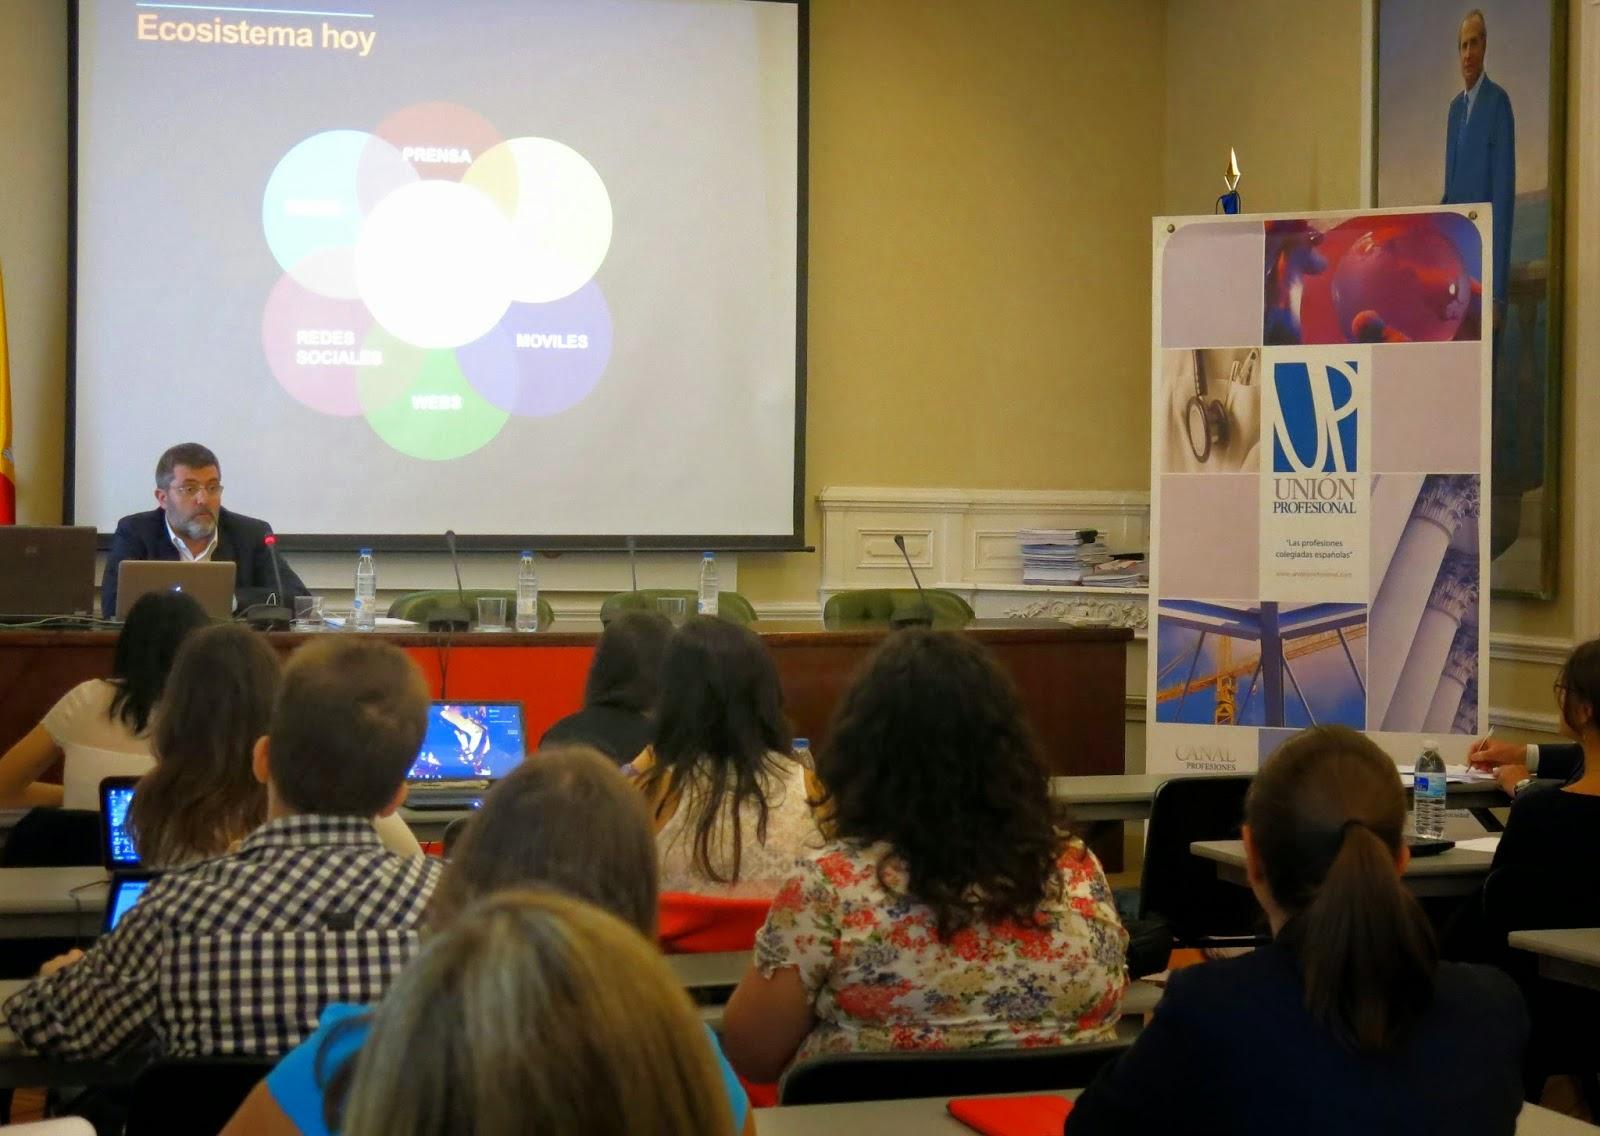 Sesión de redes sociales e identidad digital por Mario Tascón en el II Programa de 'Inicio Profesional'